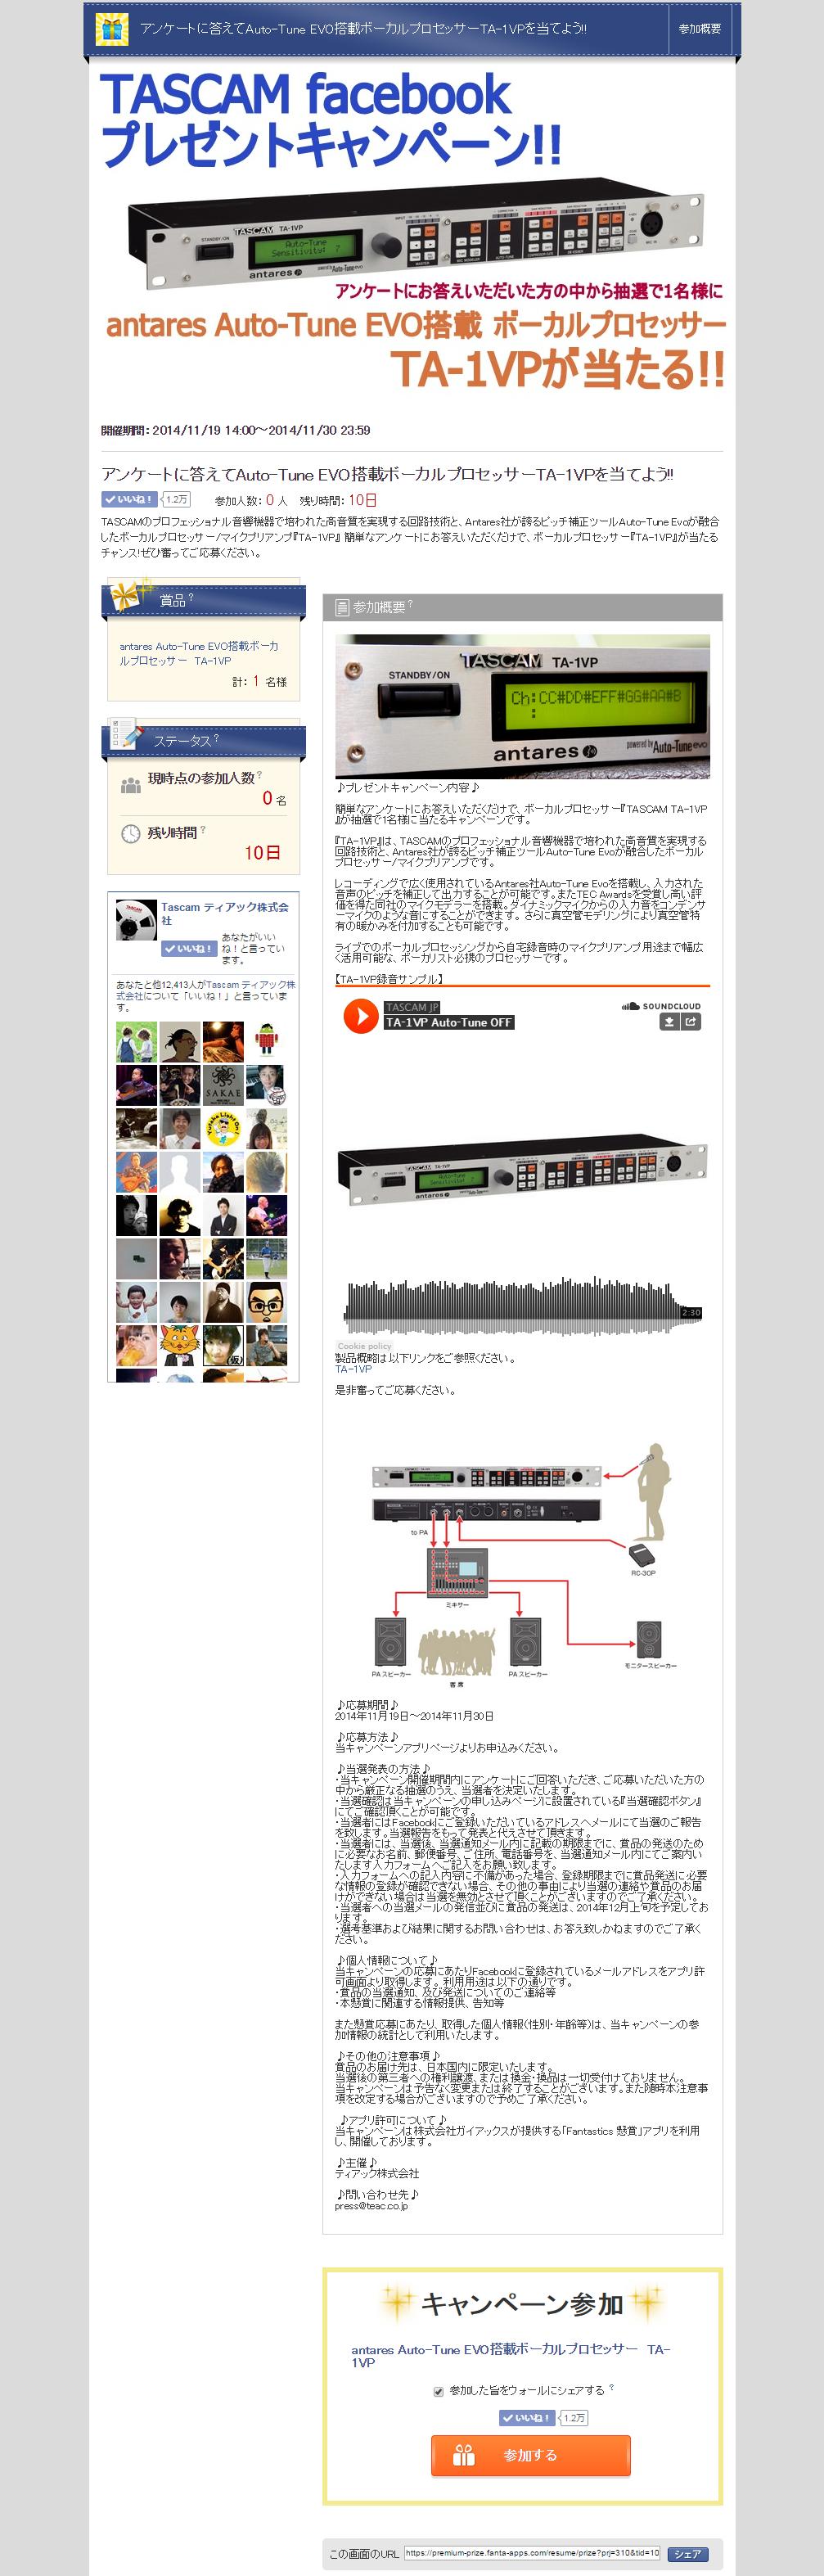 Fantastics「アンケート型」 懸賞アプリ(ティアック株式会社様)